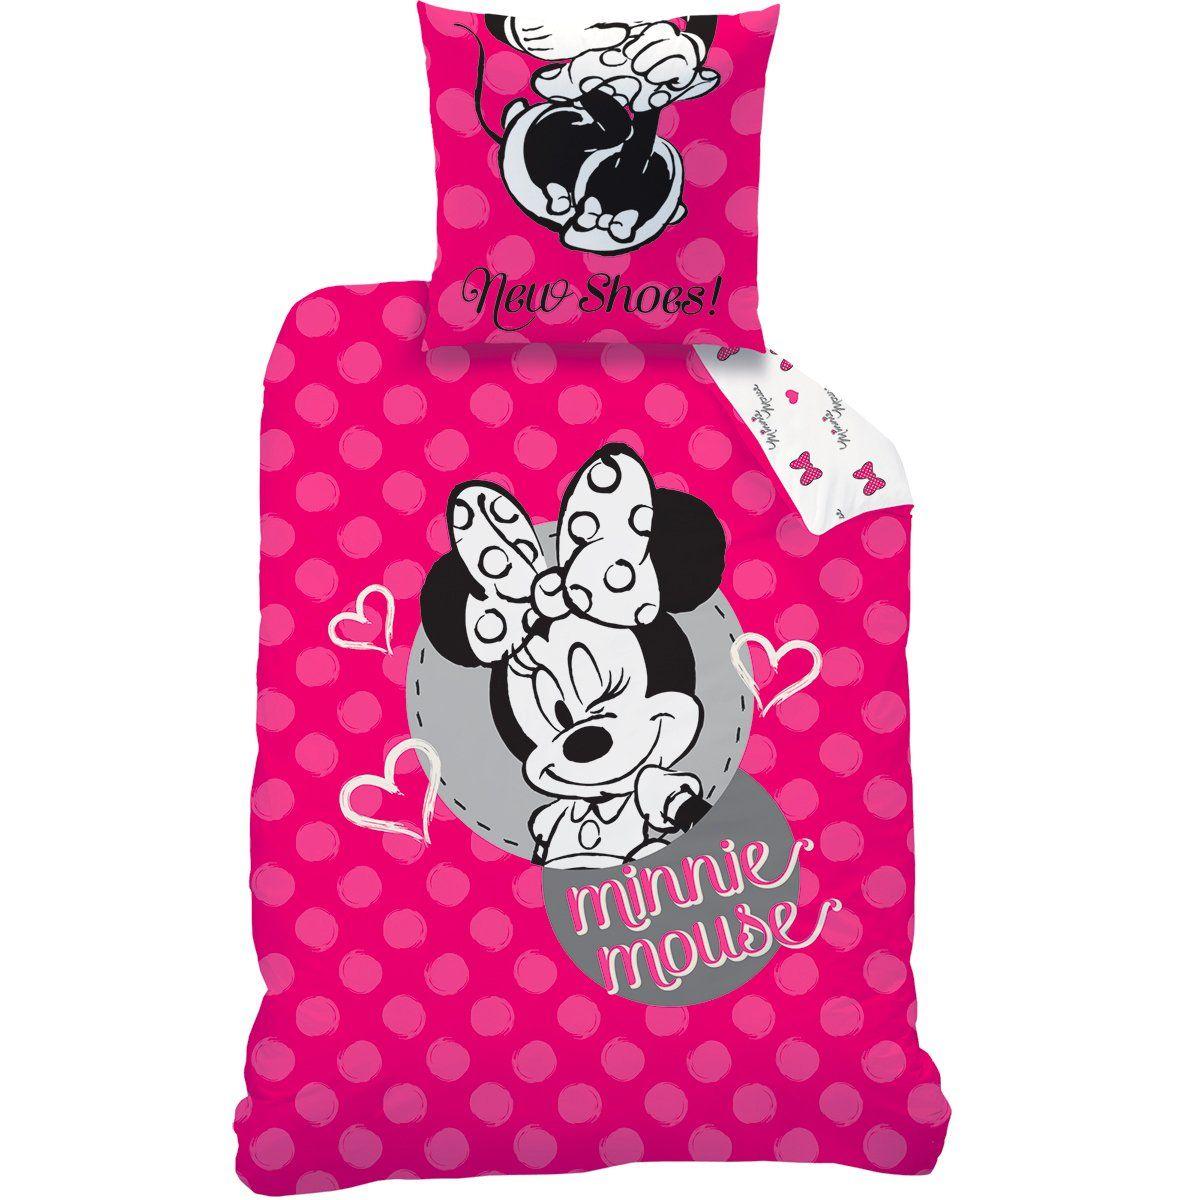 Disney Minnie 044851 New Shoes Rosa Bettwasche Baumwolle